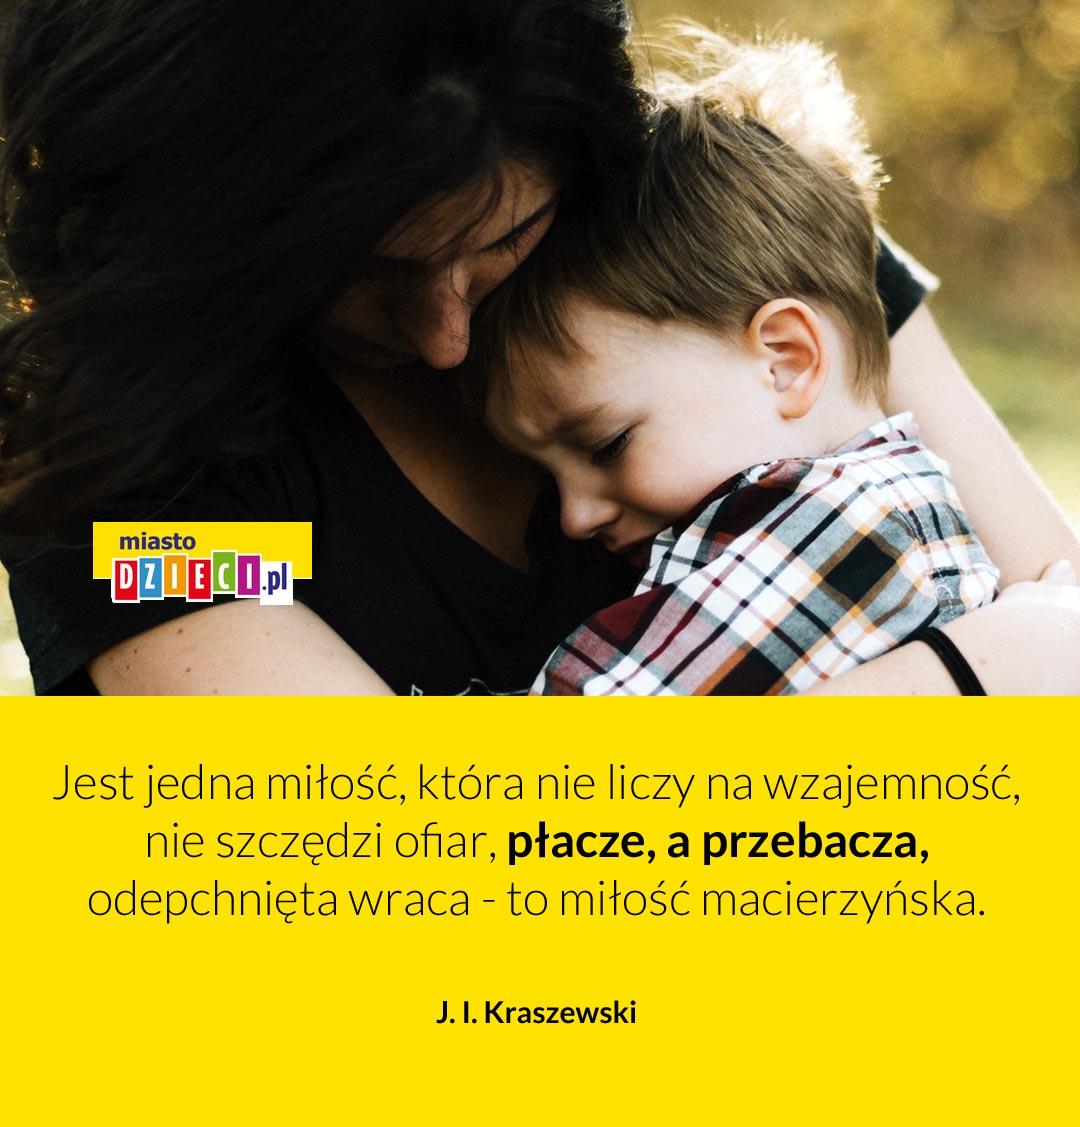 Cytaty na dzień matki jest jedna miłość Kraszewski